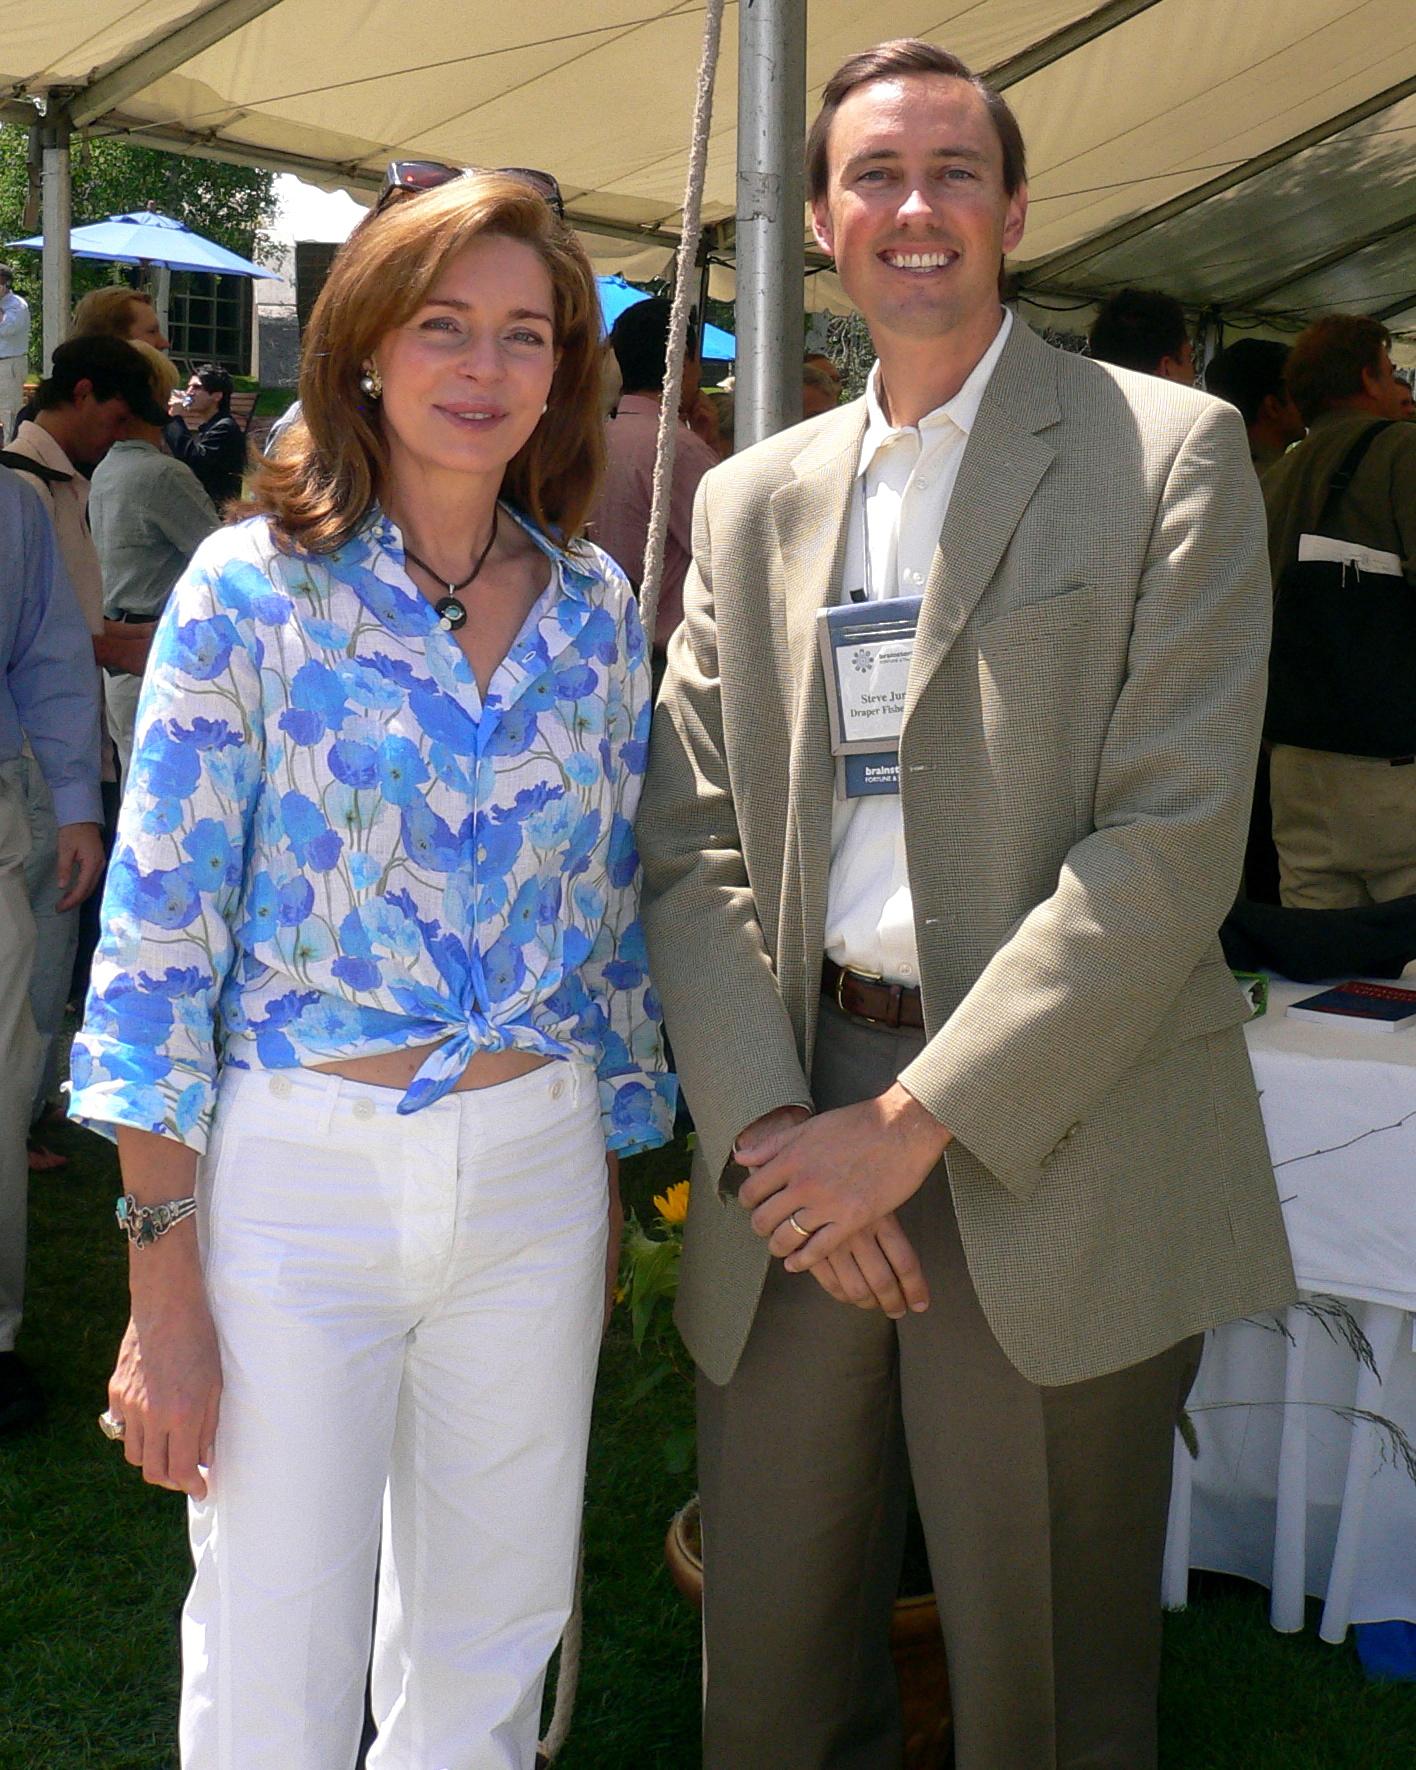 Queen_Noor_of_Jordan_with_Steve_Jurvetson.jpg